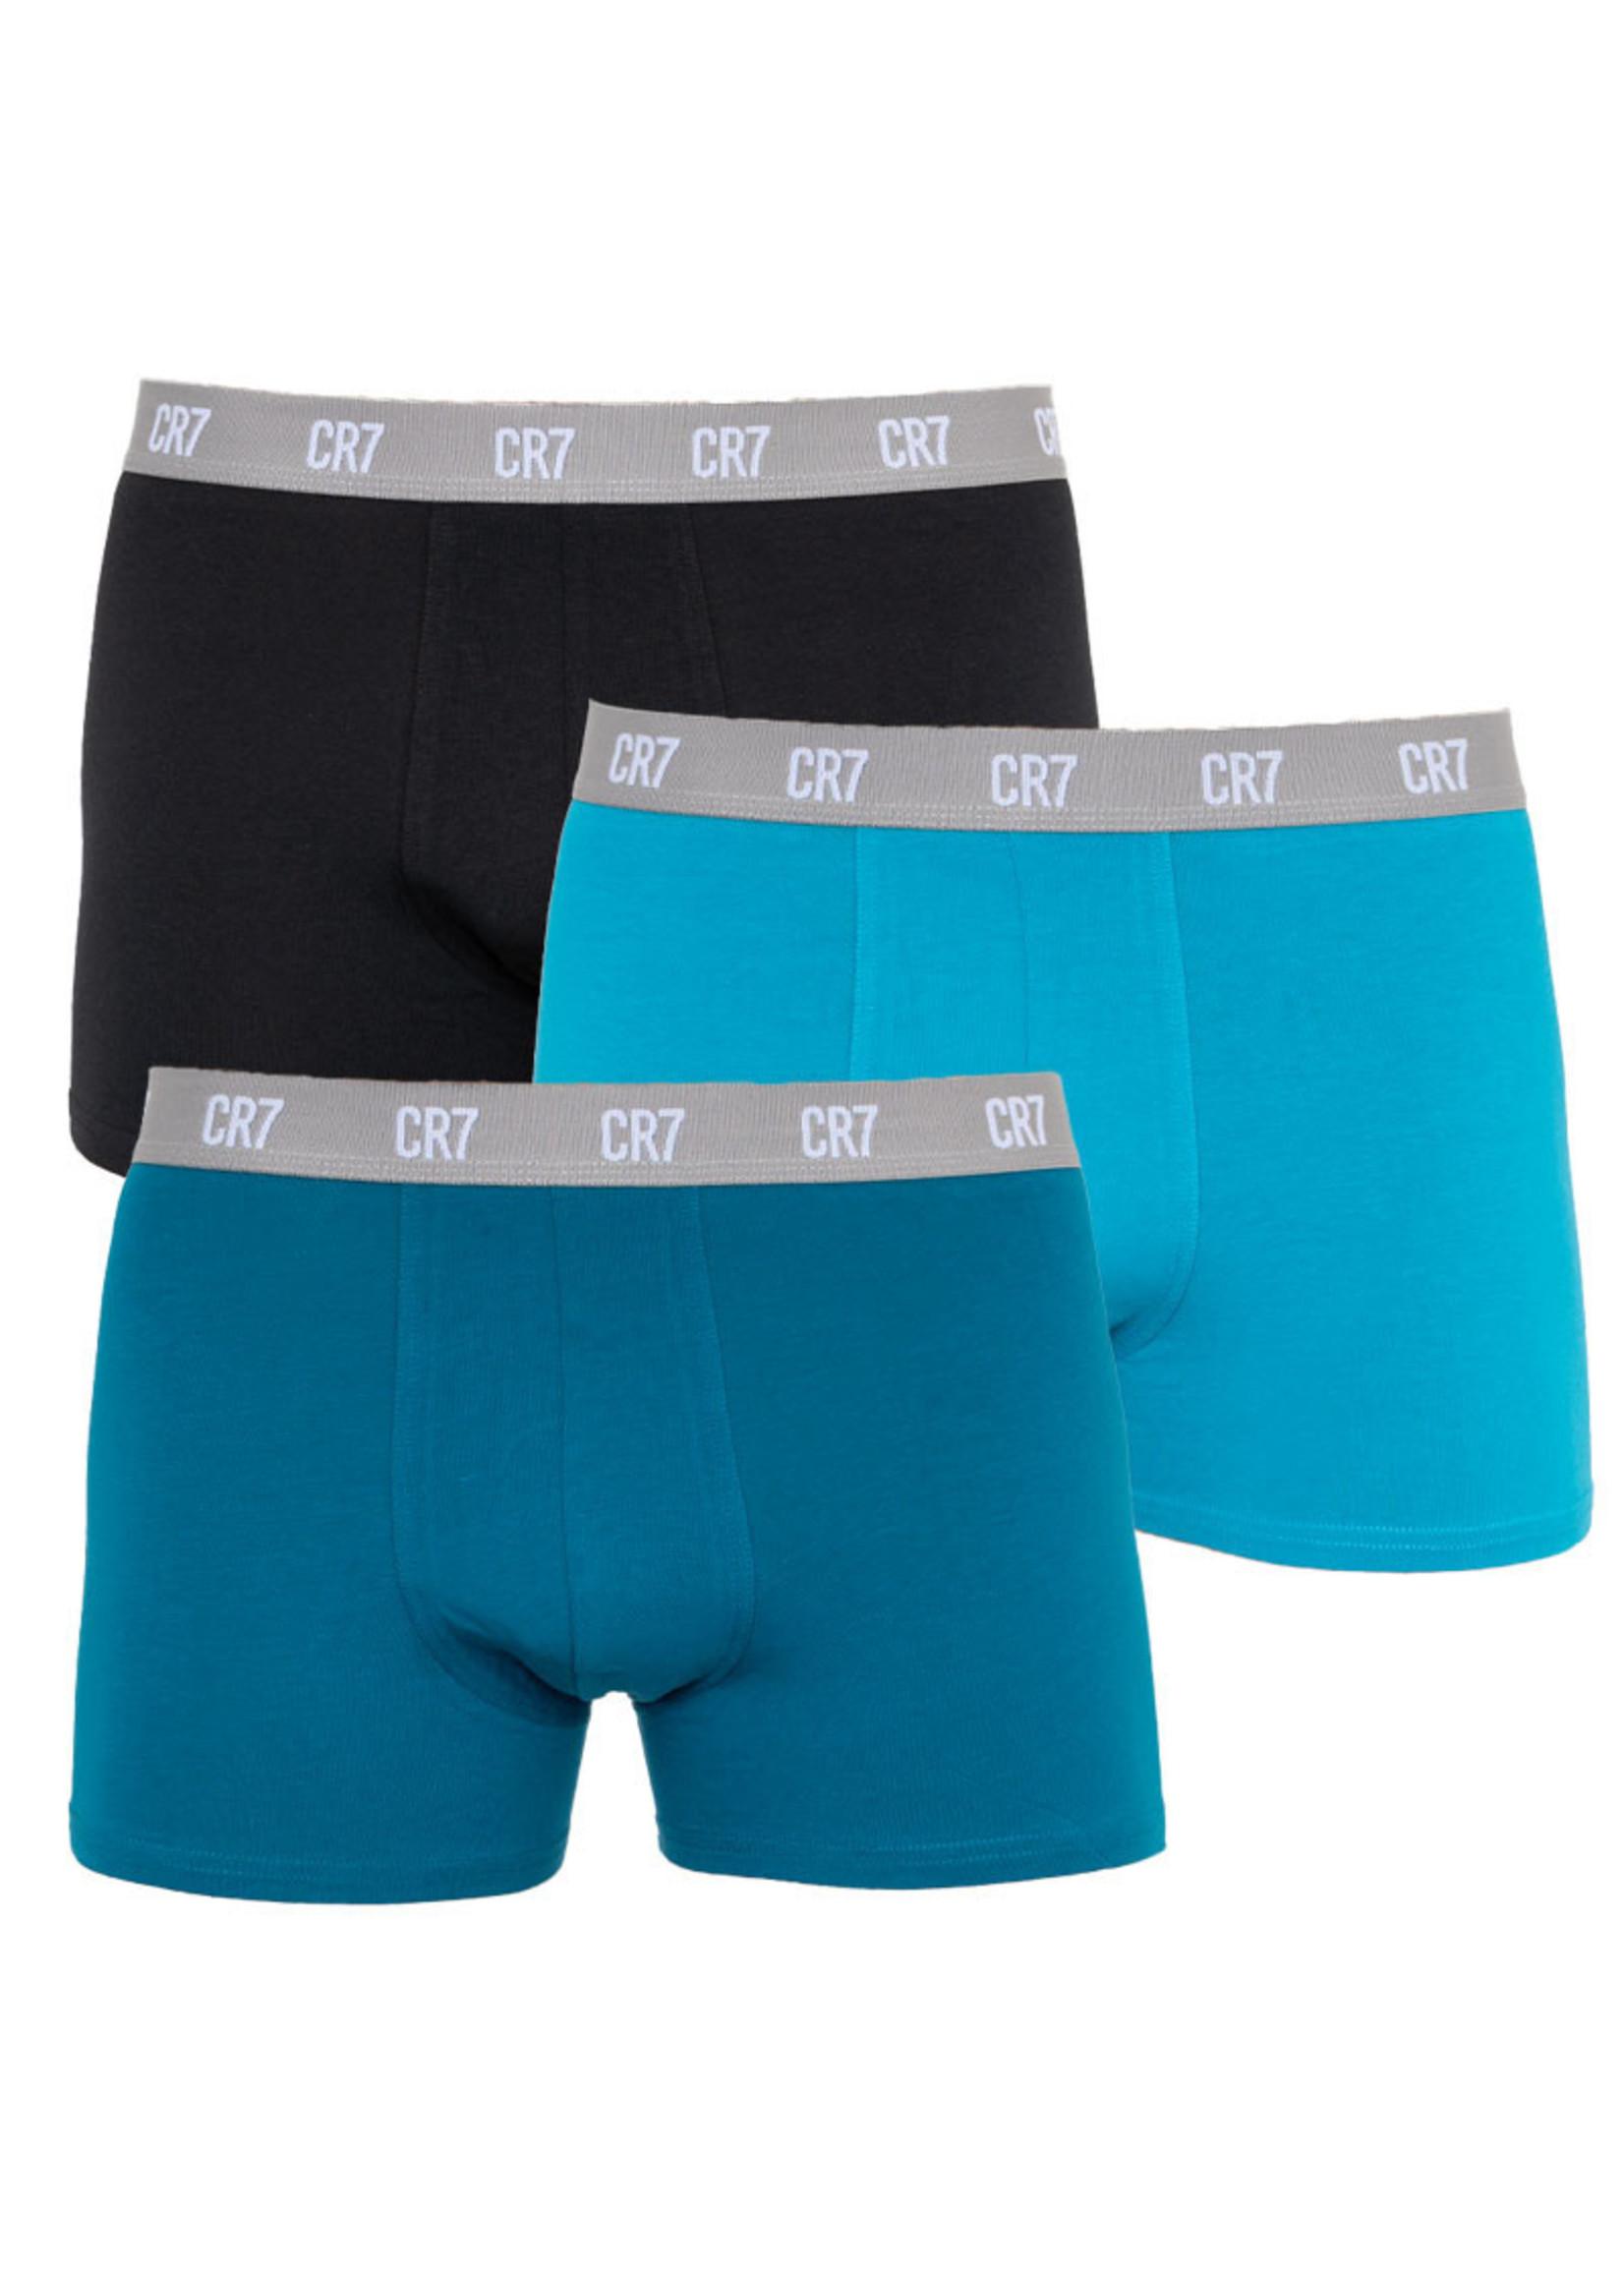 CR7 Trunk Underwear - 3 pack